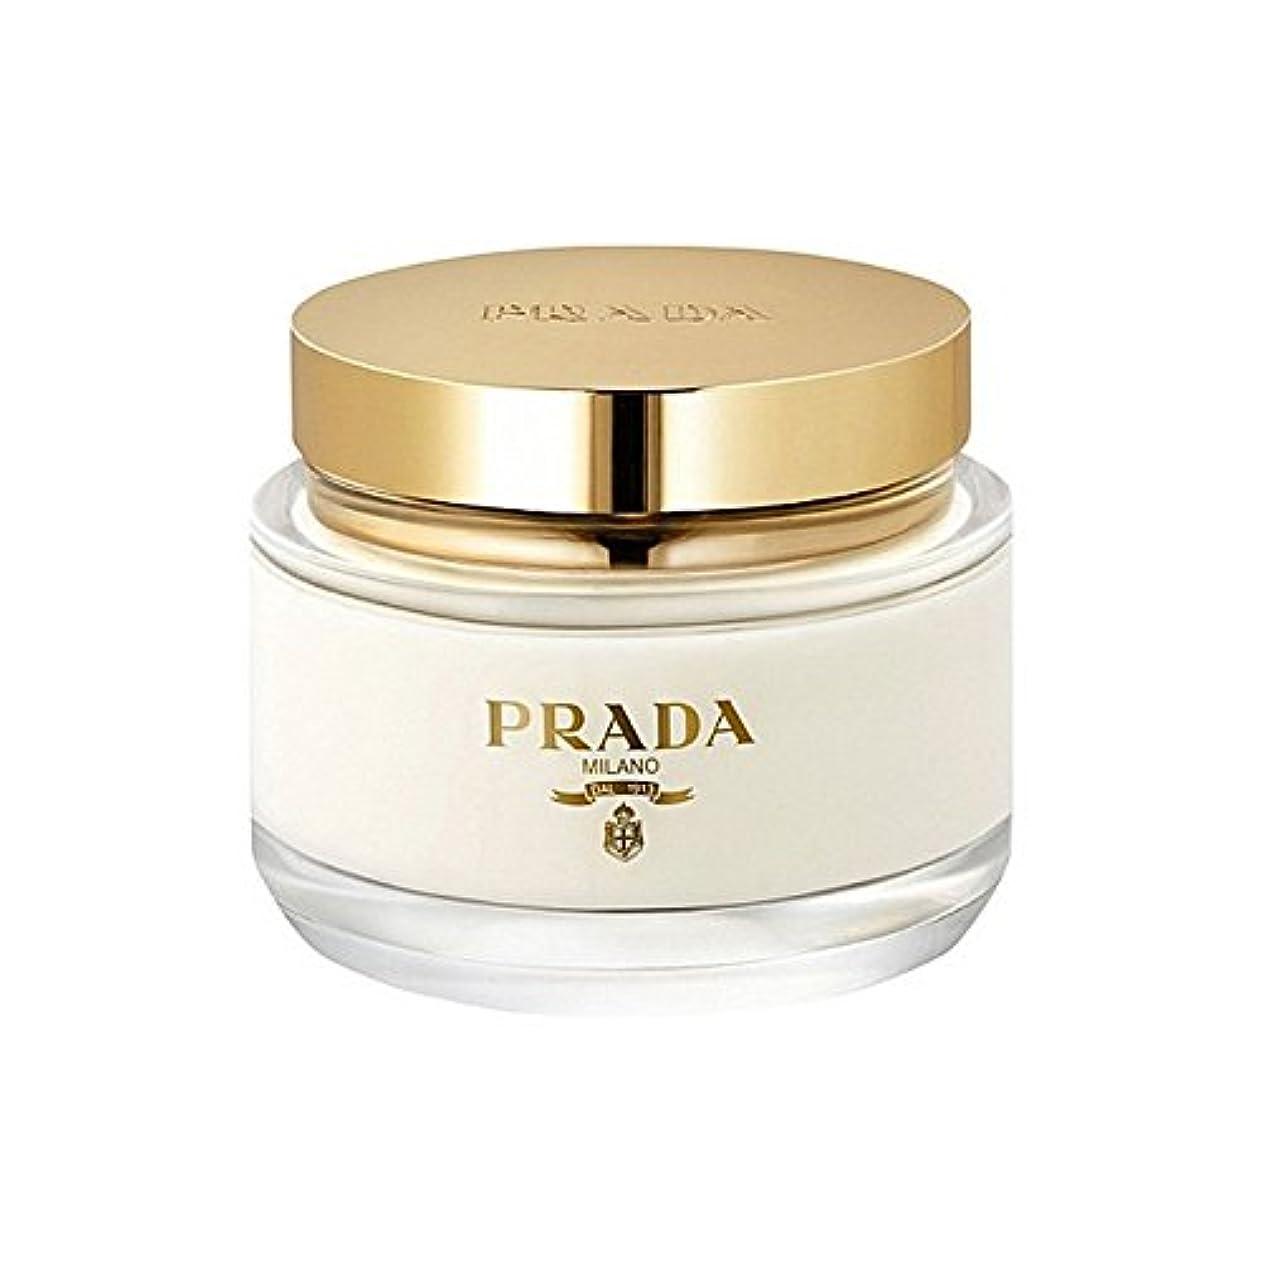 ルビーコインなるプラダラファムボディクリーム200ミリリットル x4 - Prada La Femme Body Cream 200ml (Pack of 4) [並行輸入品]